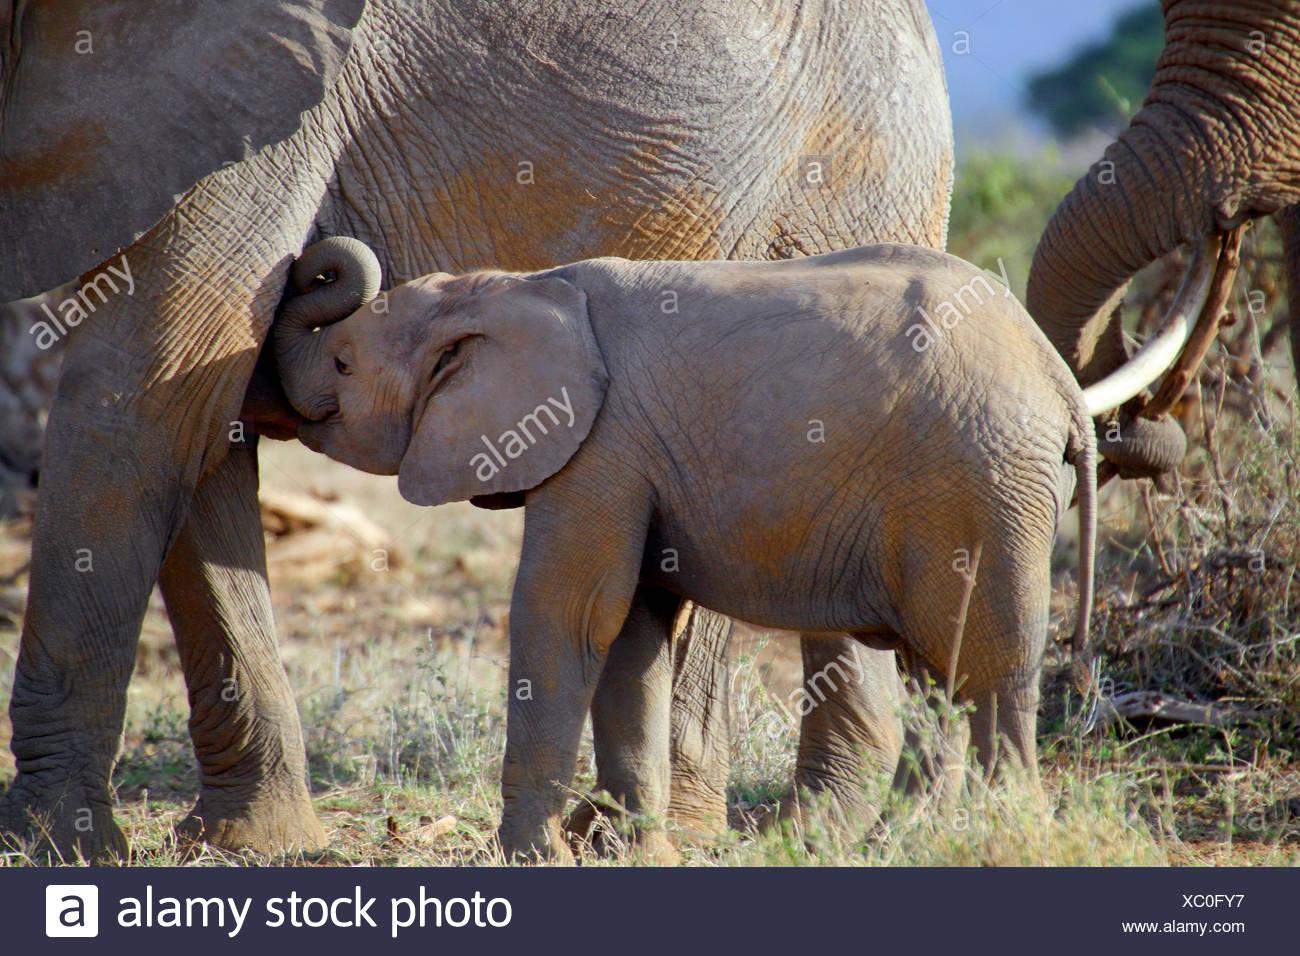 African elephant (Loxodonta africana), elephant calf drinking by the mother, Kenya, Amboseli National Park - Stock Image